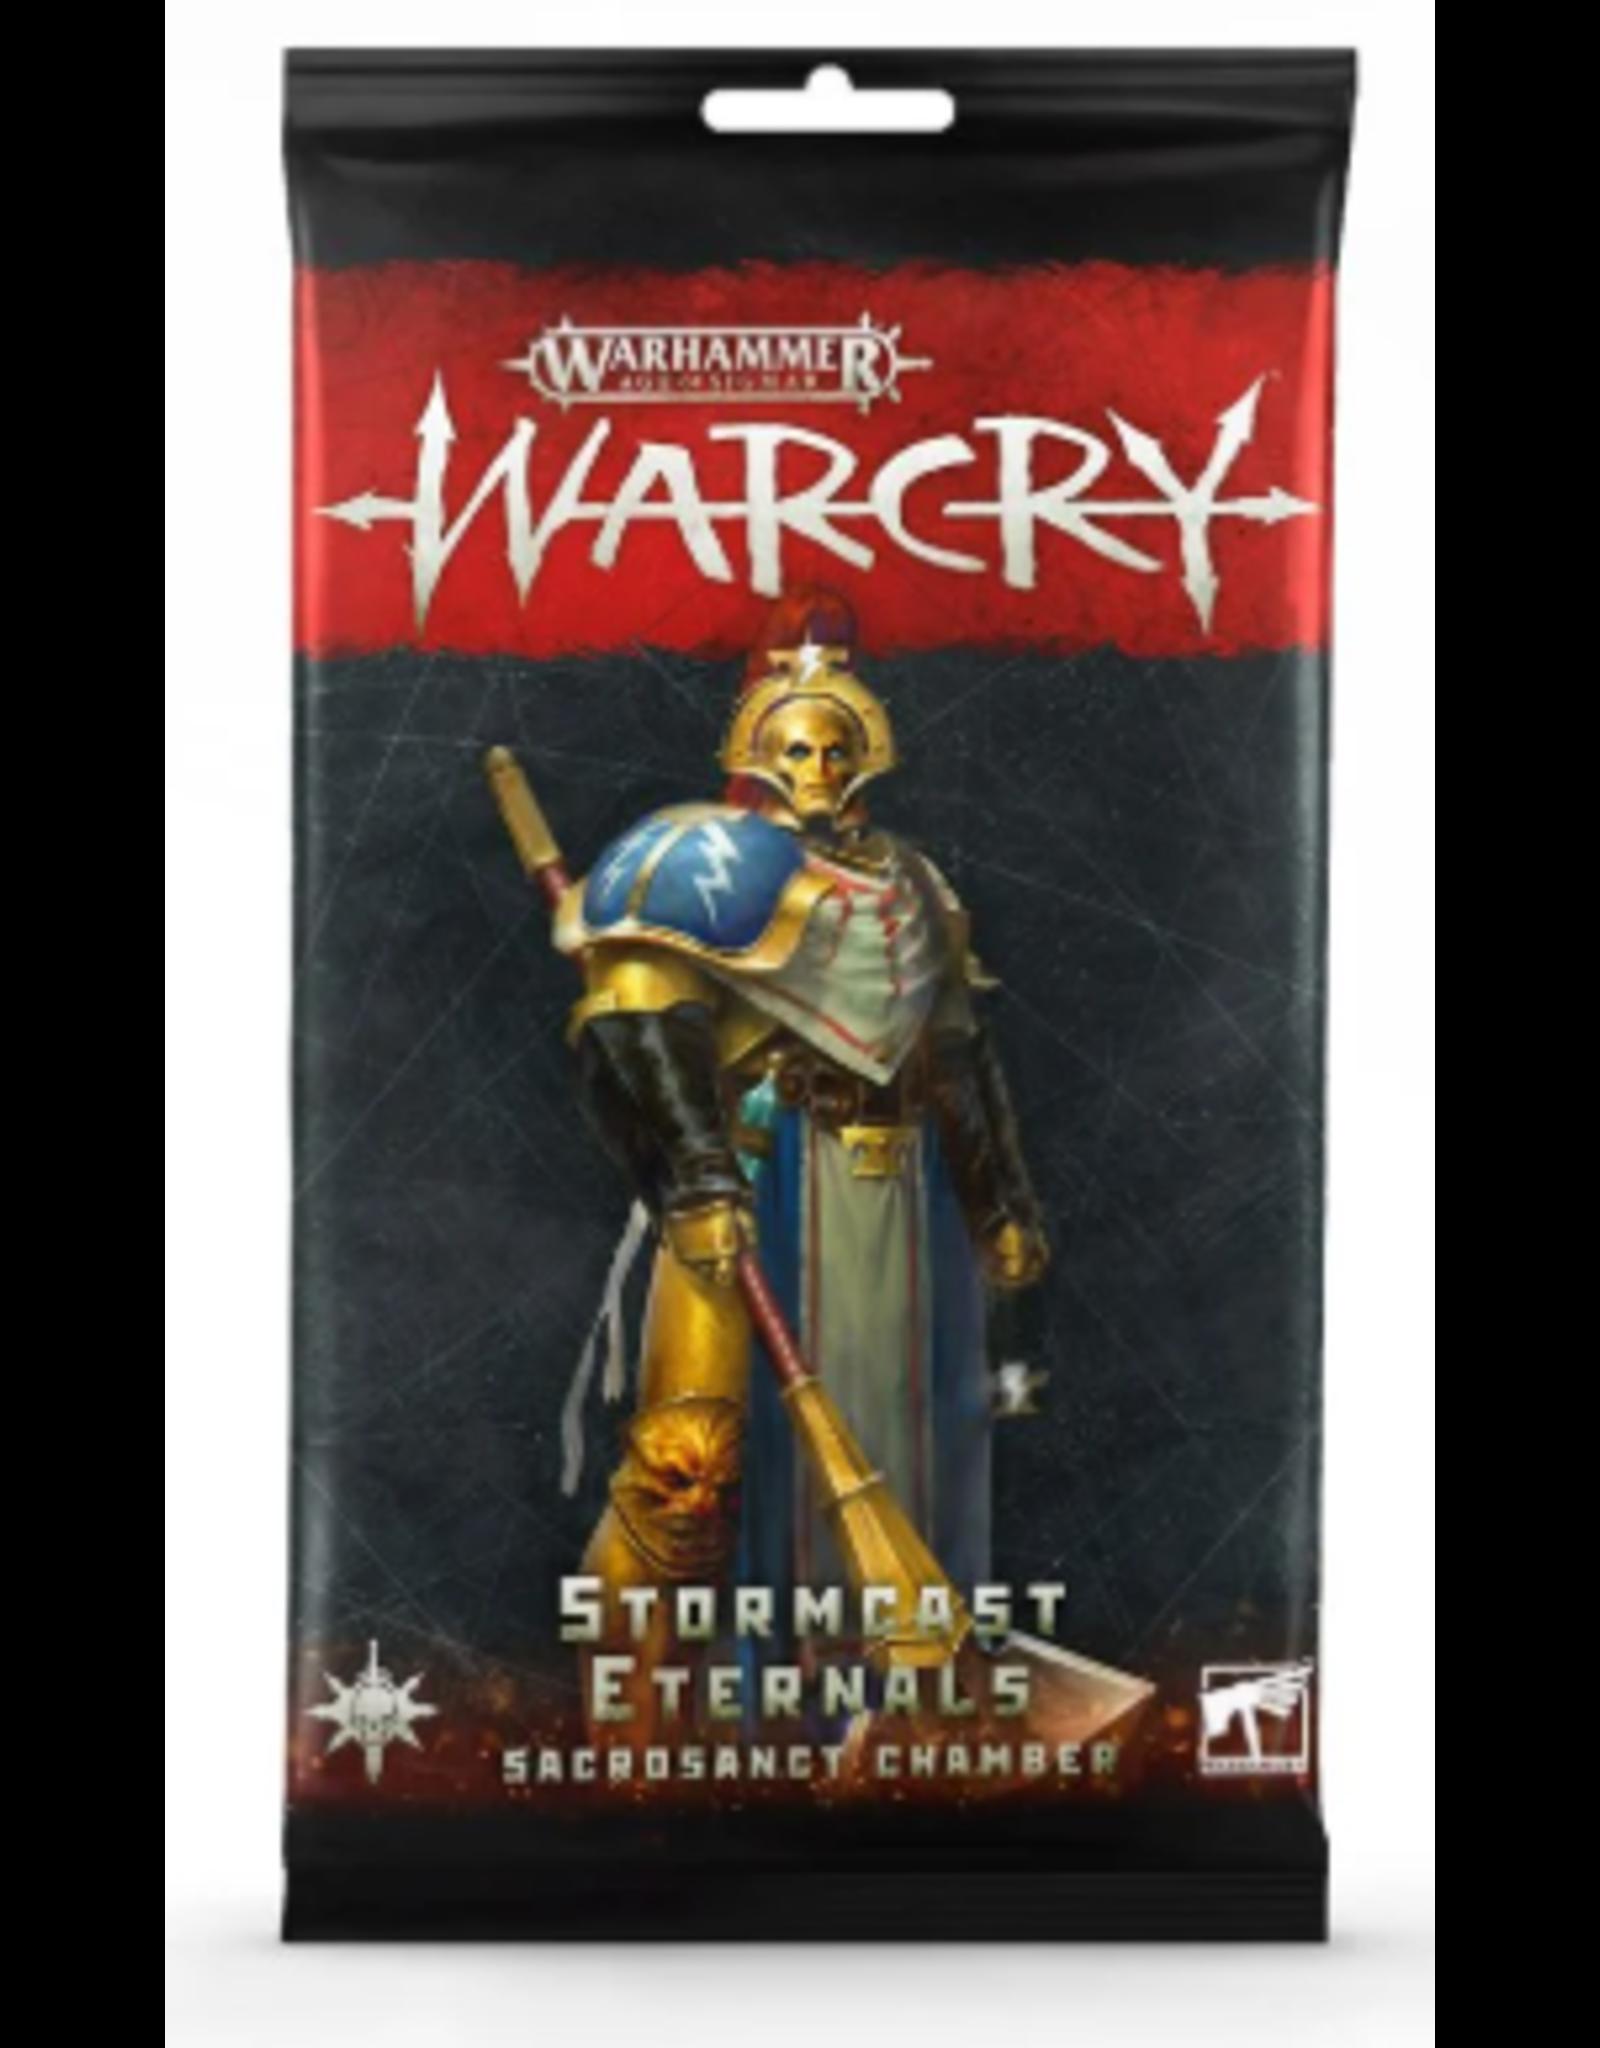 Games Workshop Warcry Stormcast Sacrosanct Chamber Cards